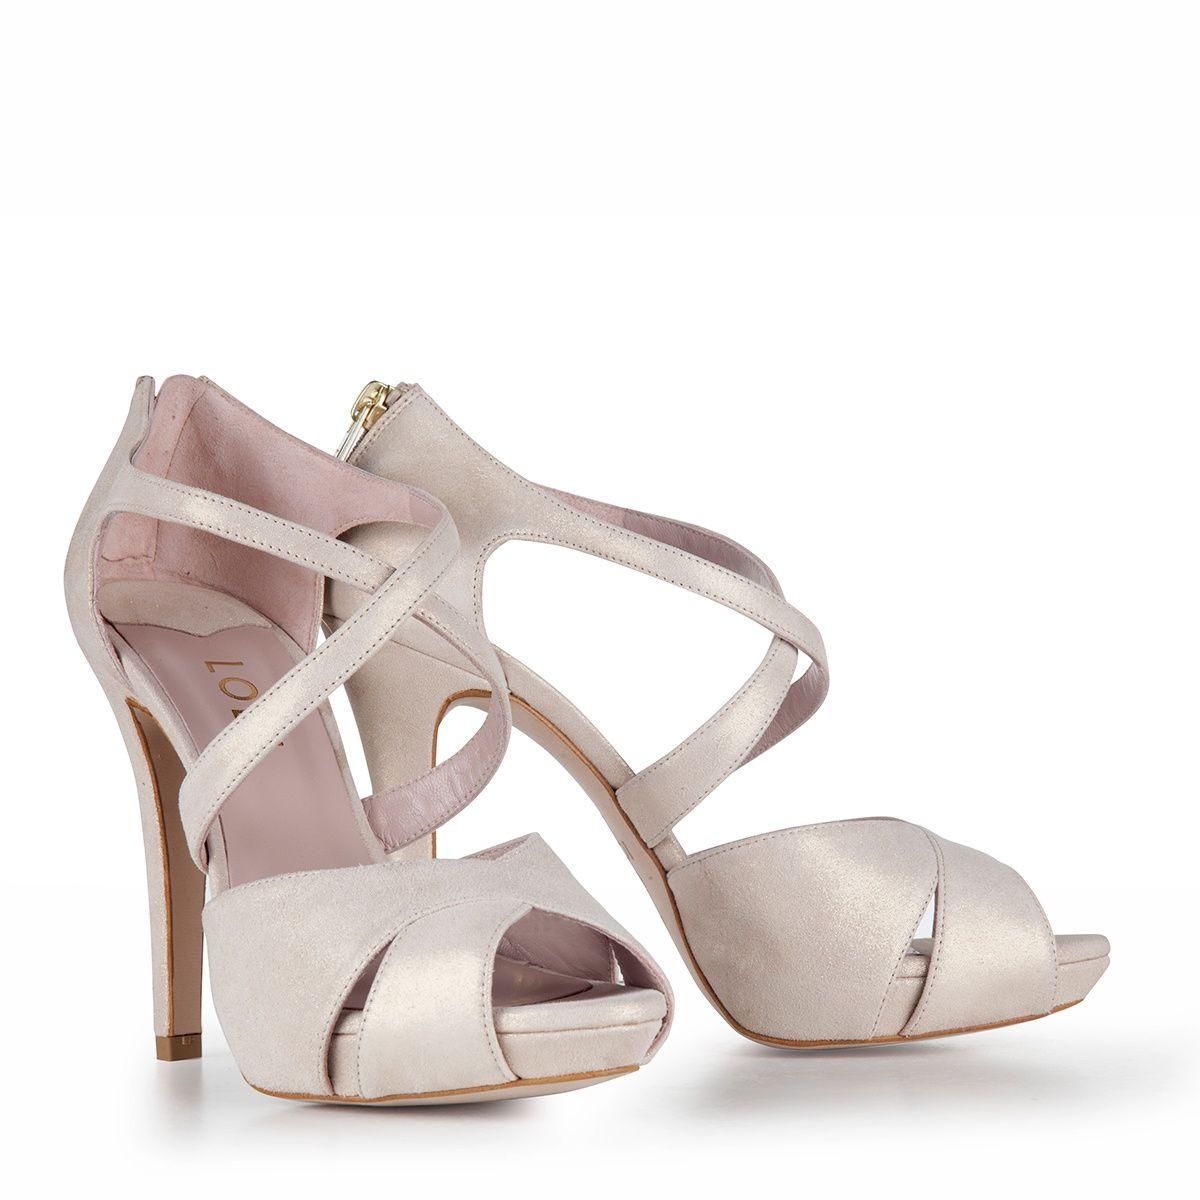 Especial Lodi Y En Zapatos Dorado 2019 Goya EscorzoVestidos dCshxtrQ